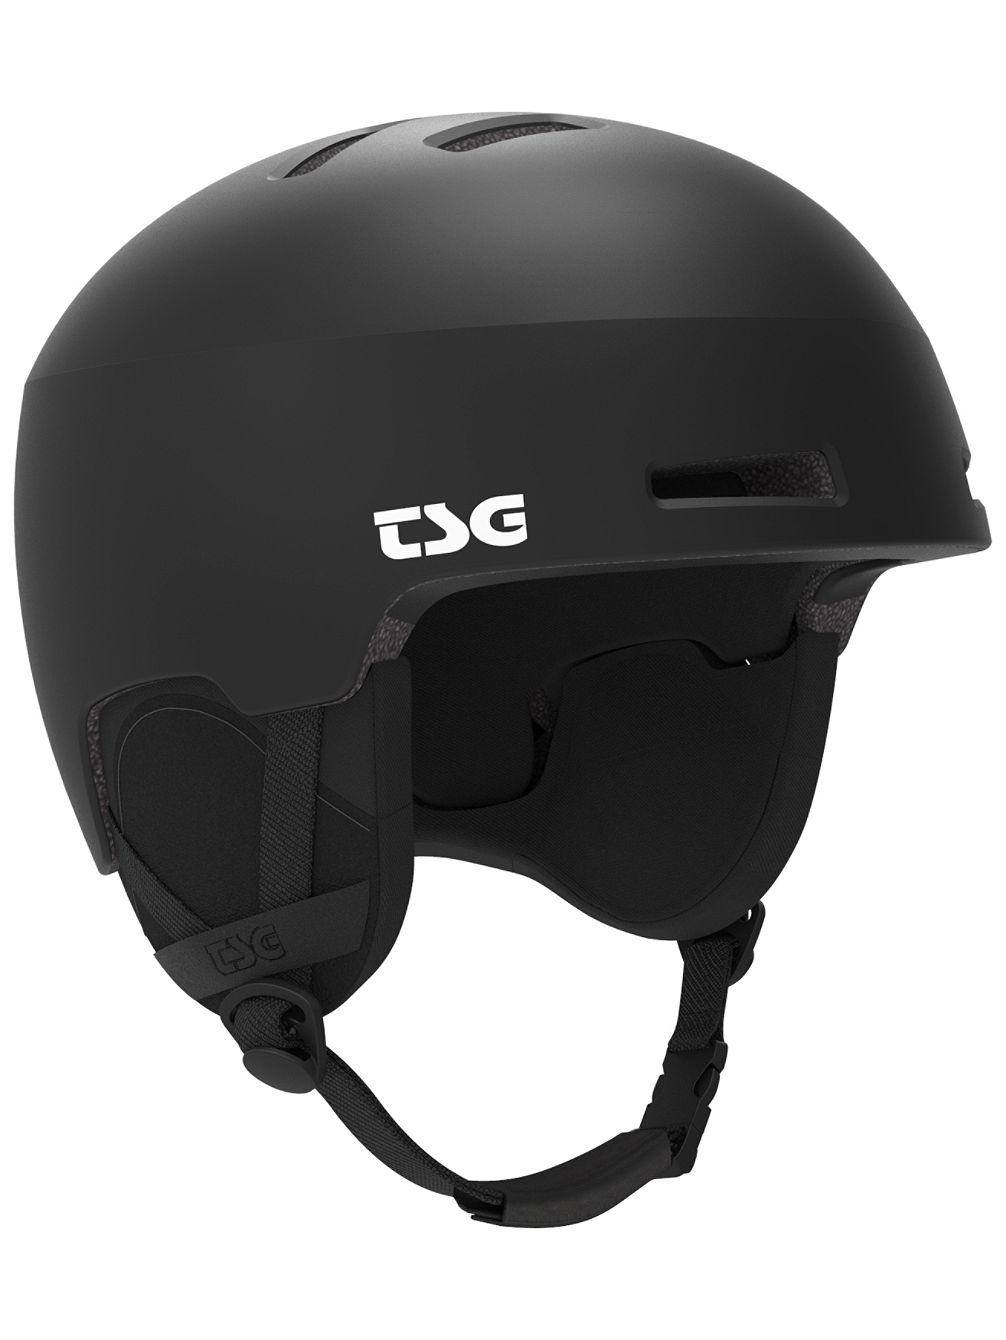 tsg-tweak-solid-color-helmet